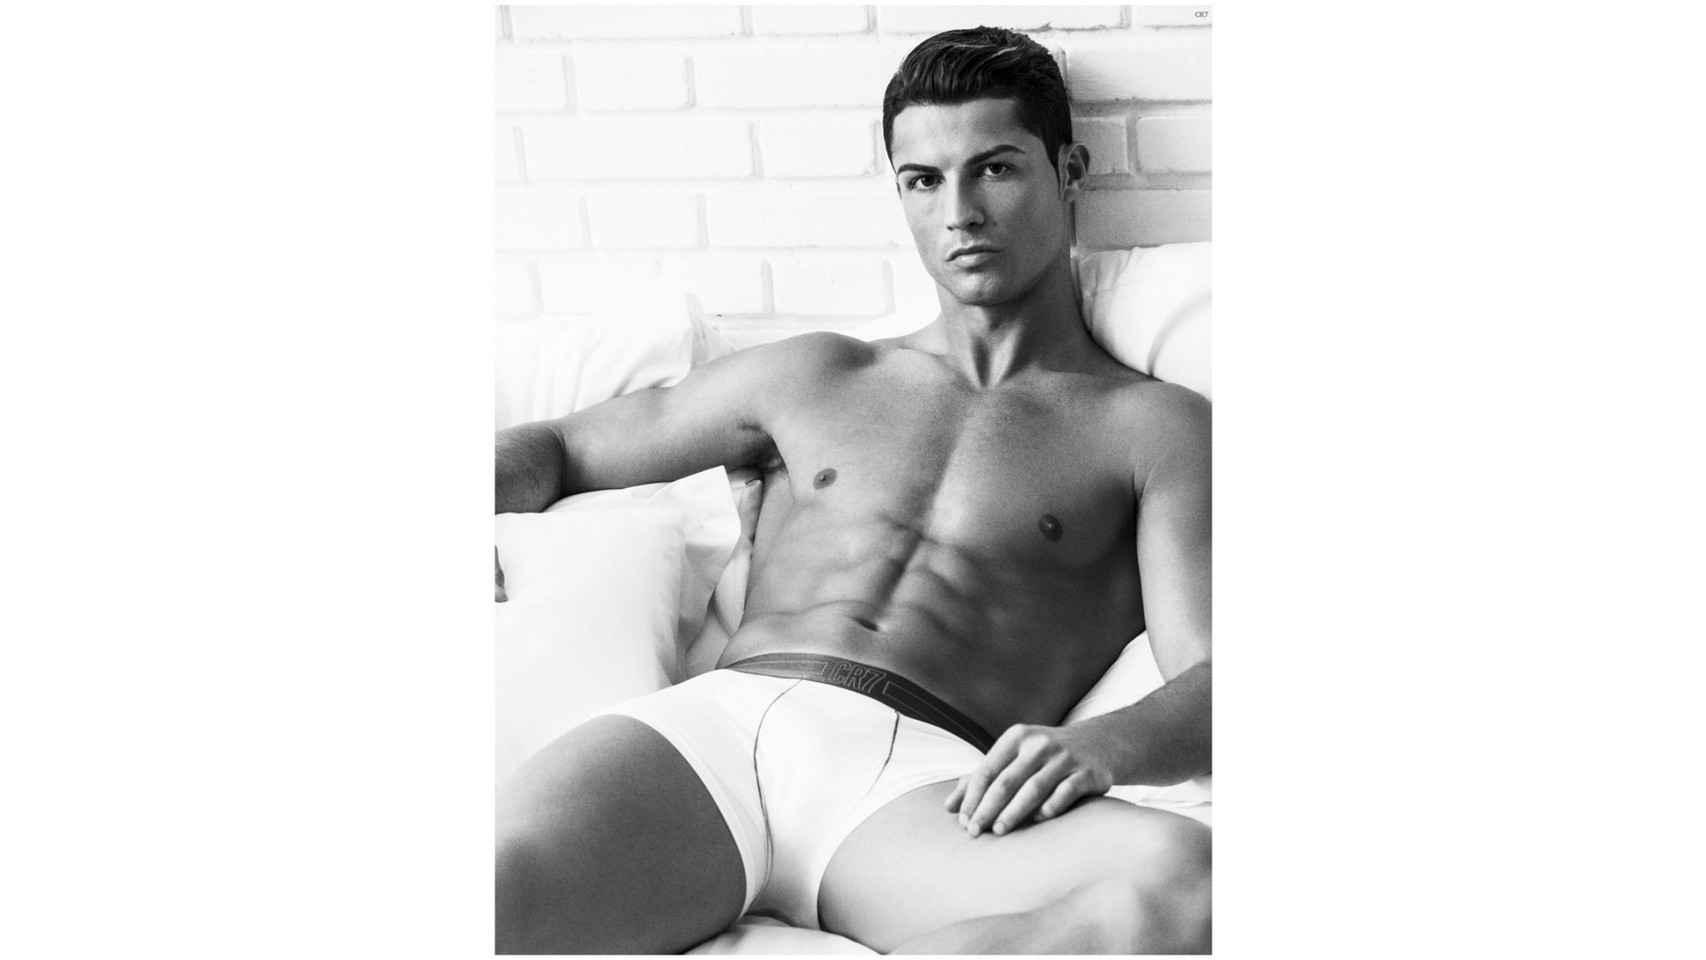 Cristiano Ronaldo posando con calzoncillos de su propia marca, CR7.